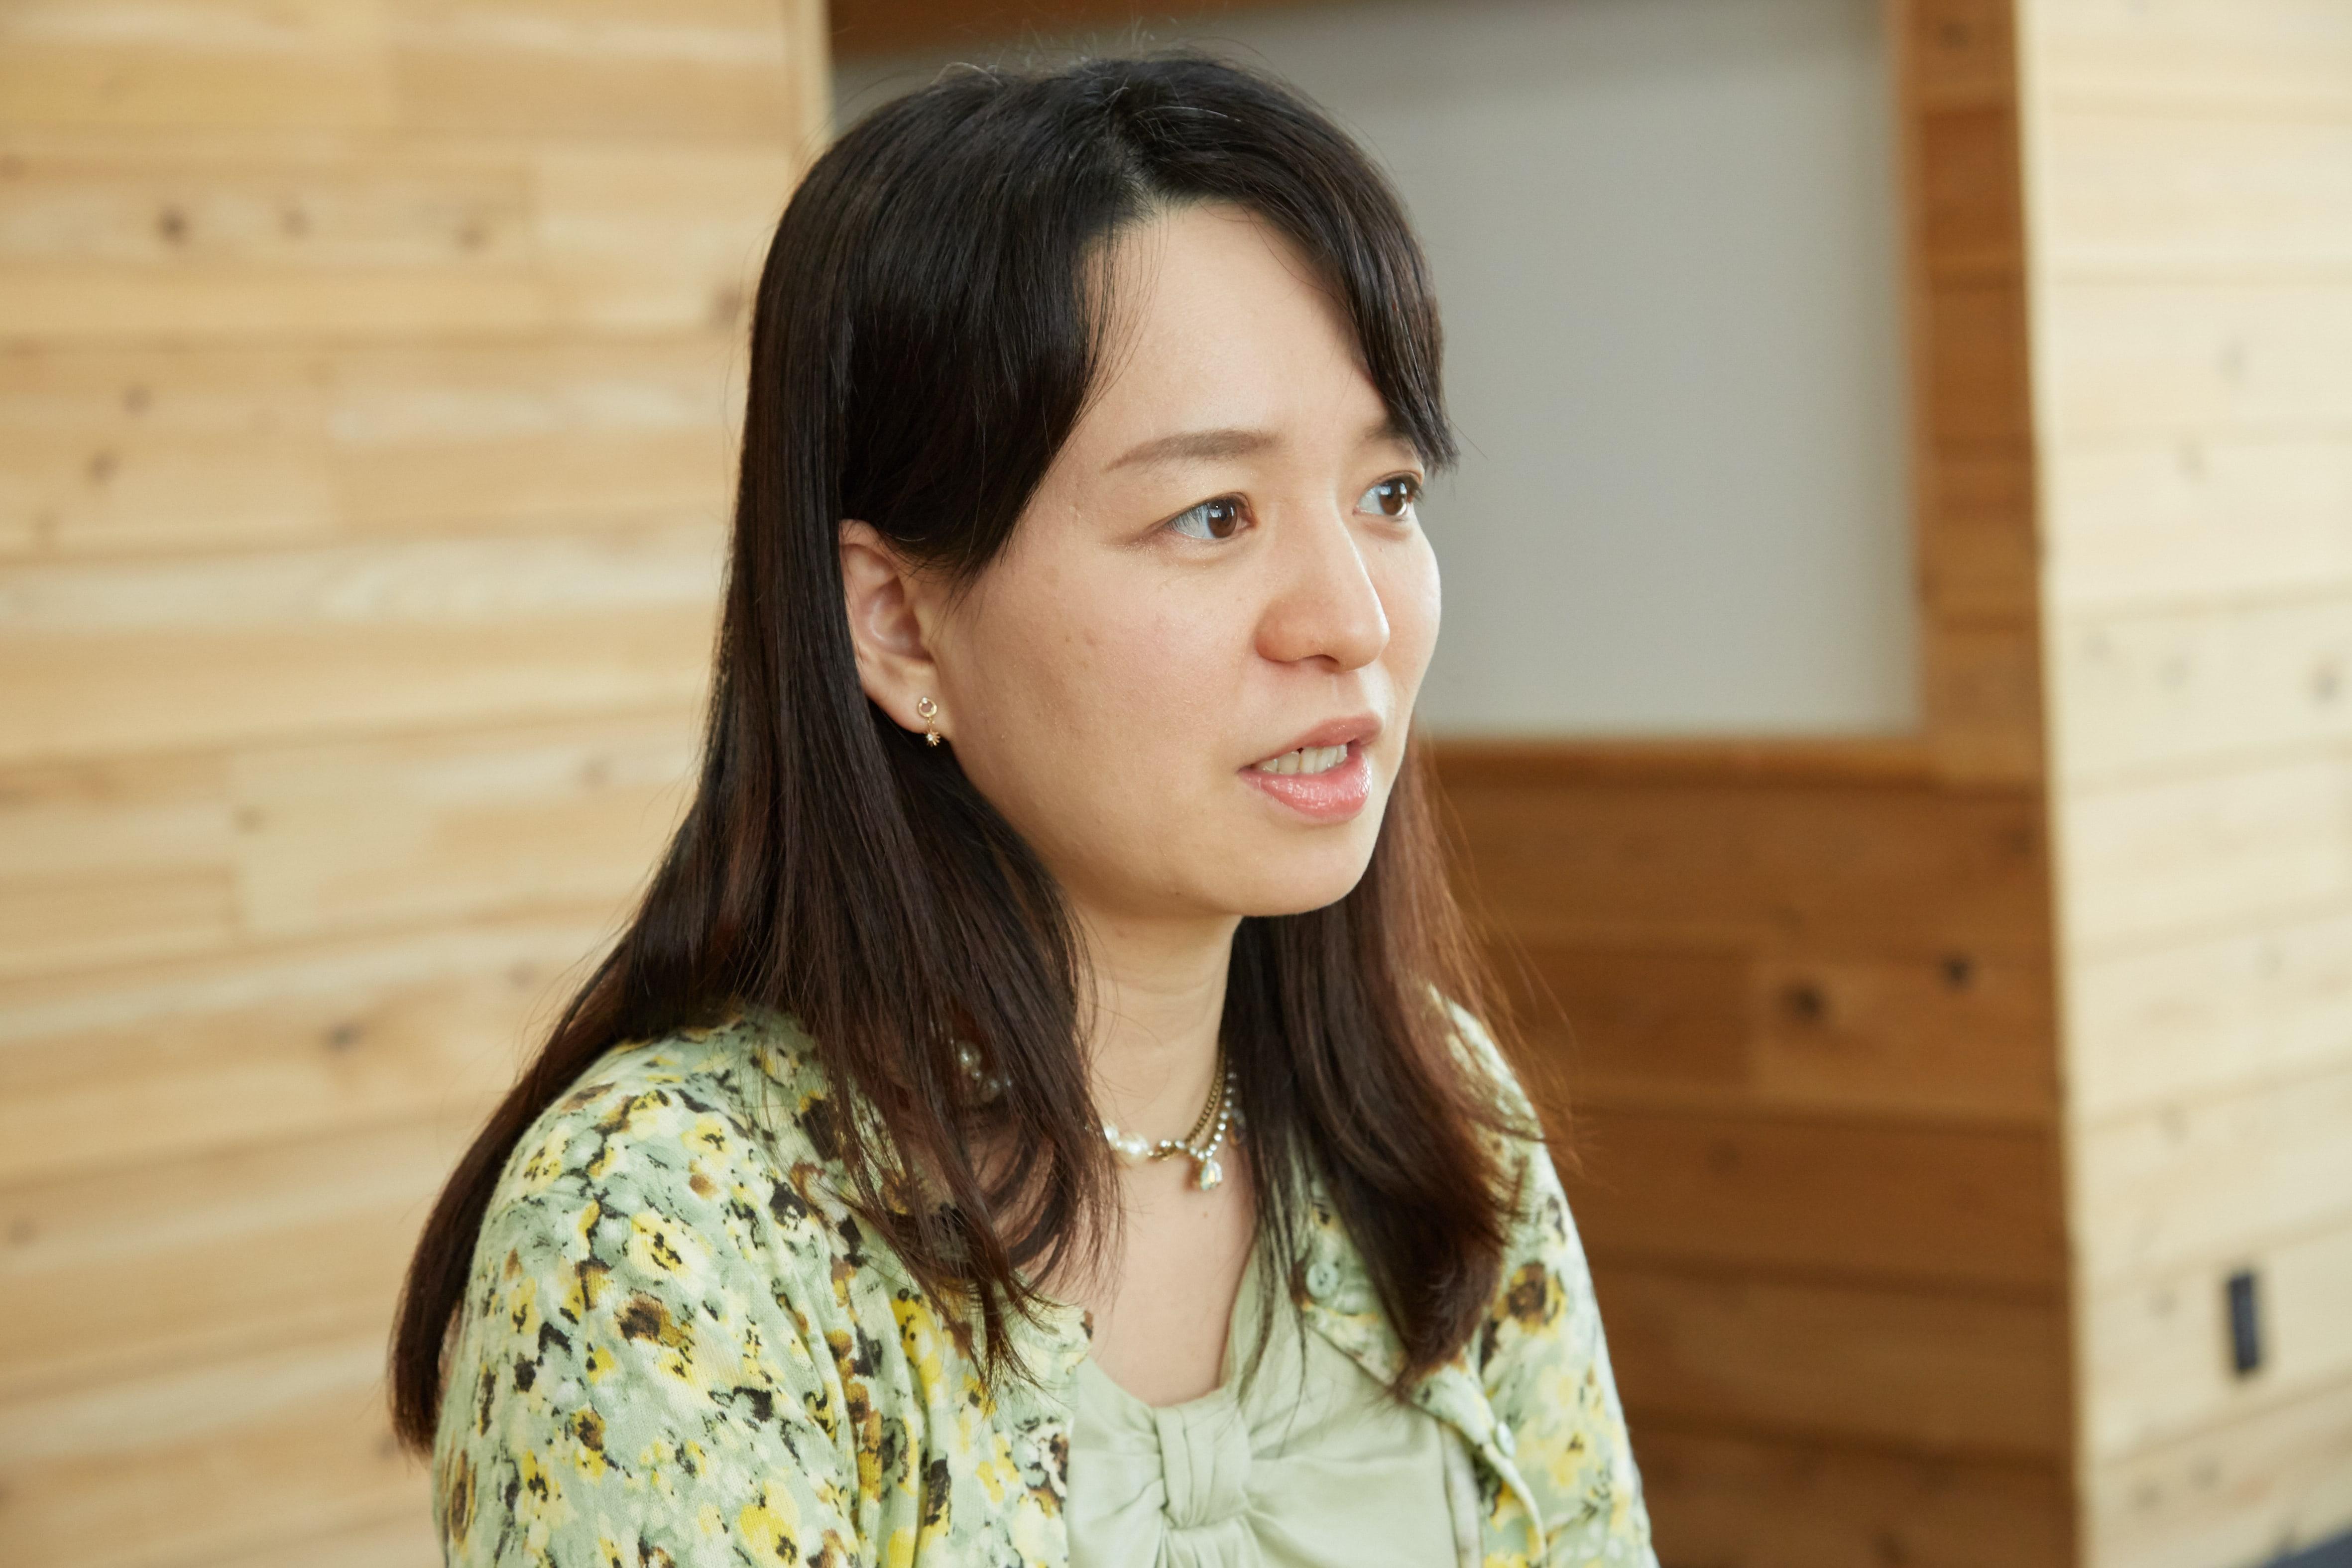 加藤史子 「動機が持続可能なのか見極める」リクルート出身、新規事業の仕掛け役が挑戦を続ける理由